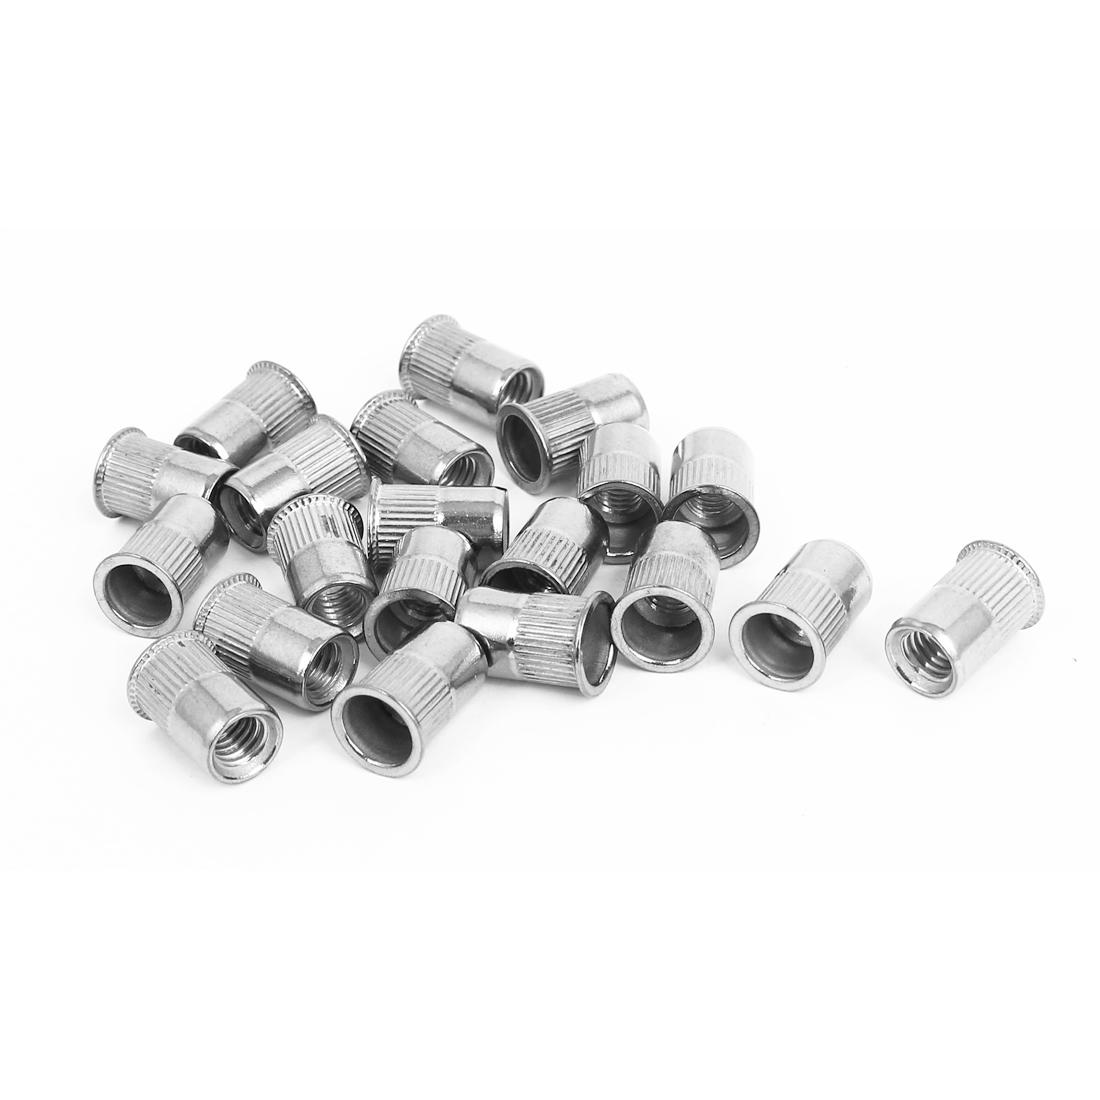 M6 Thread 304 Stainless Steel Rivet Nut Insert Nutsert 20pcs